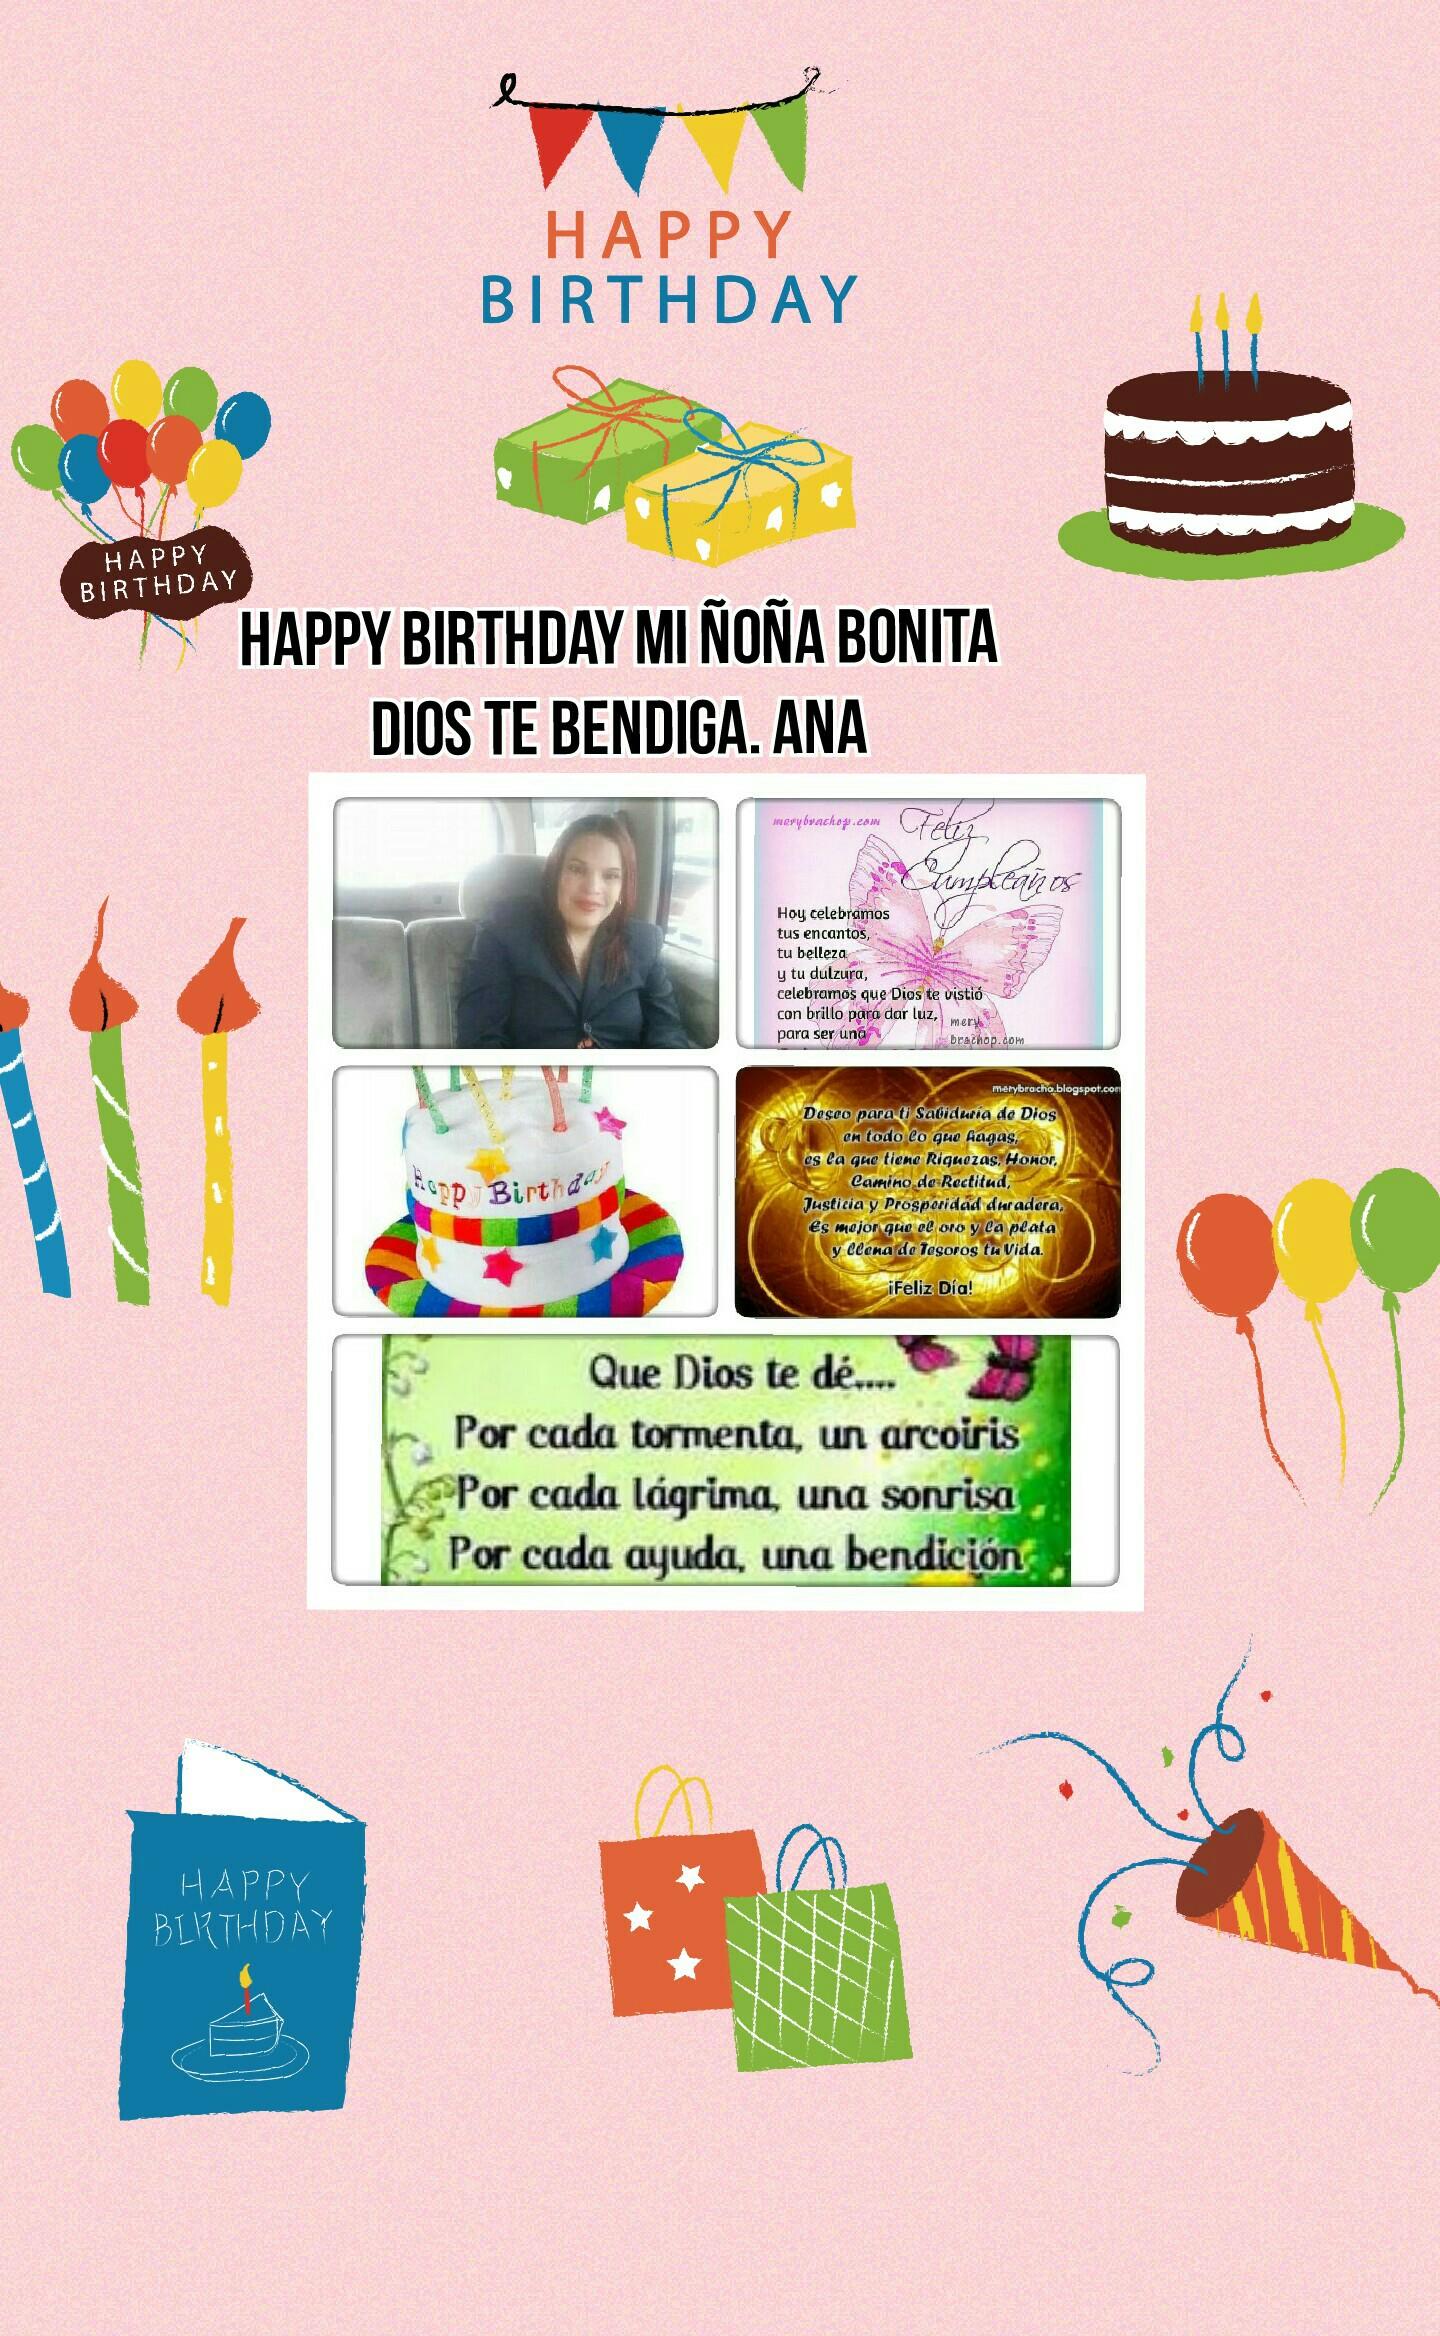 Happy Birthday mi ñoña bonita DIOS TE BENDIGA. ANA